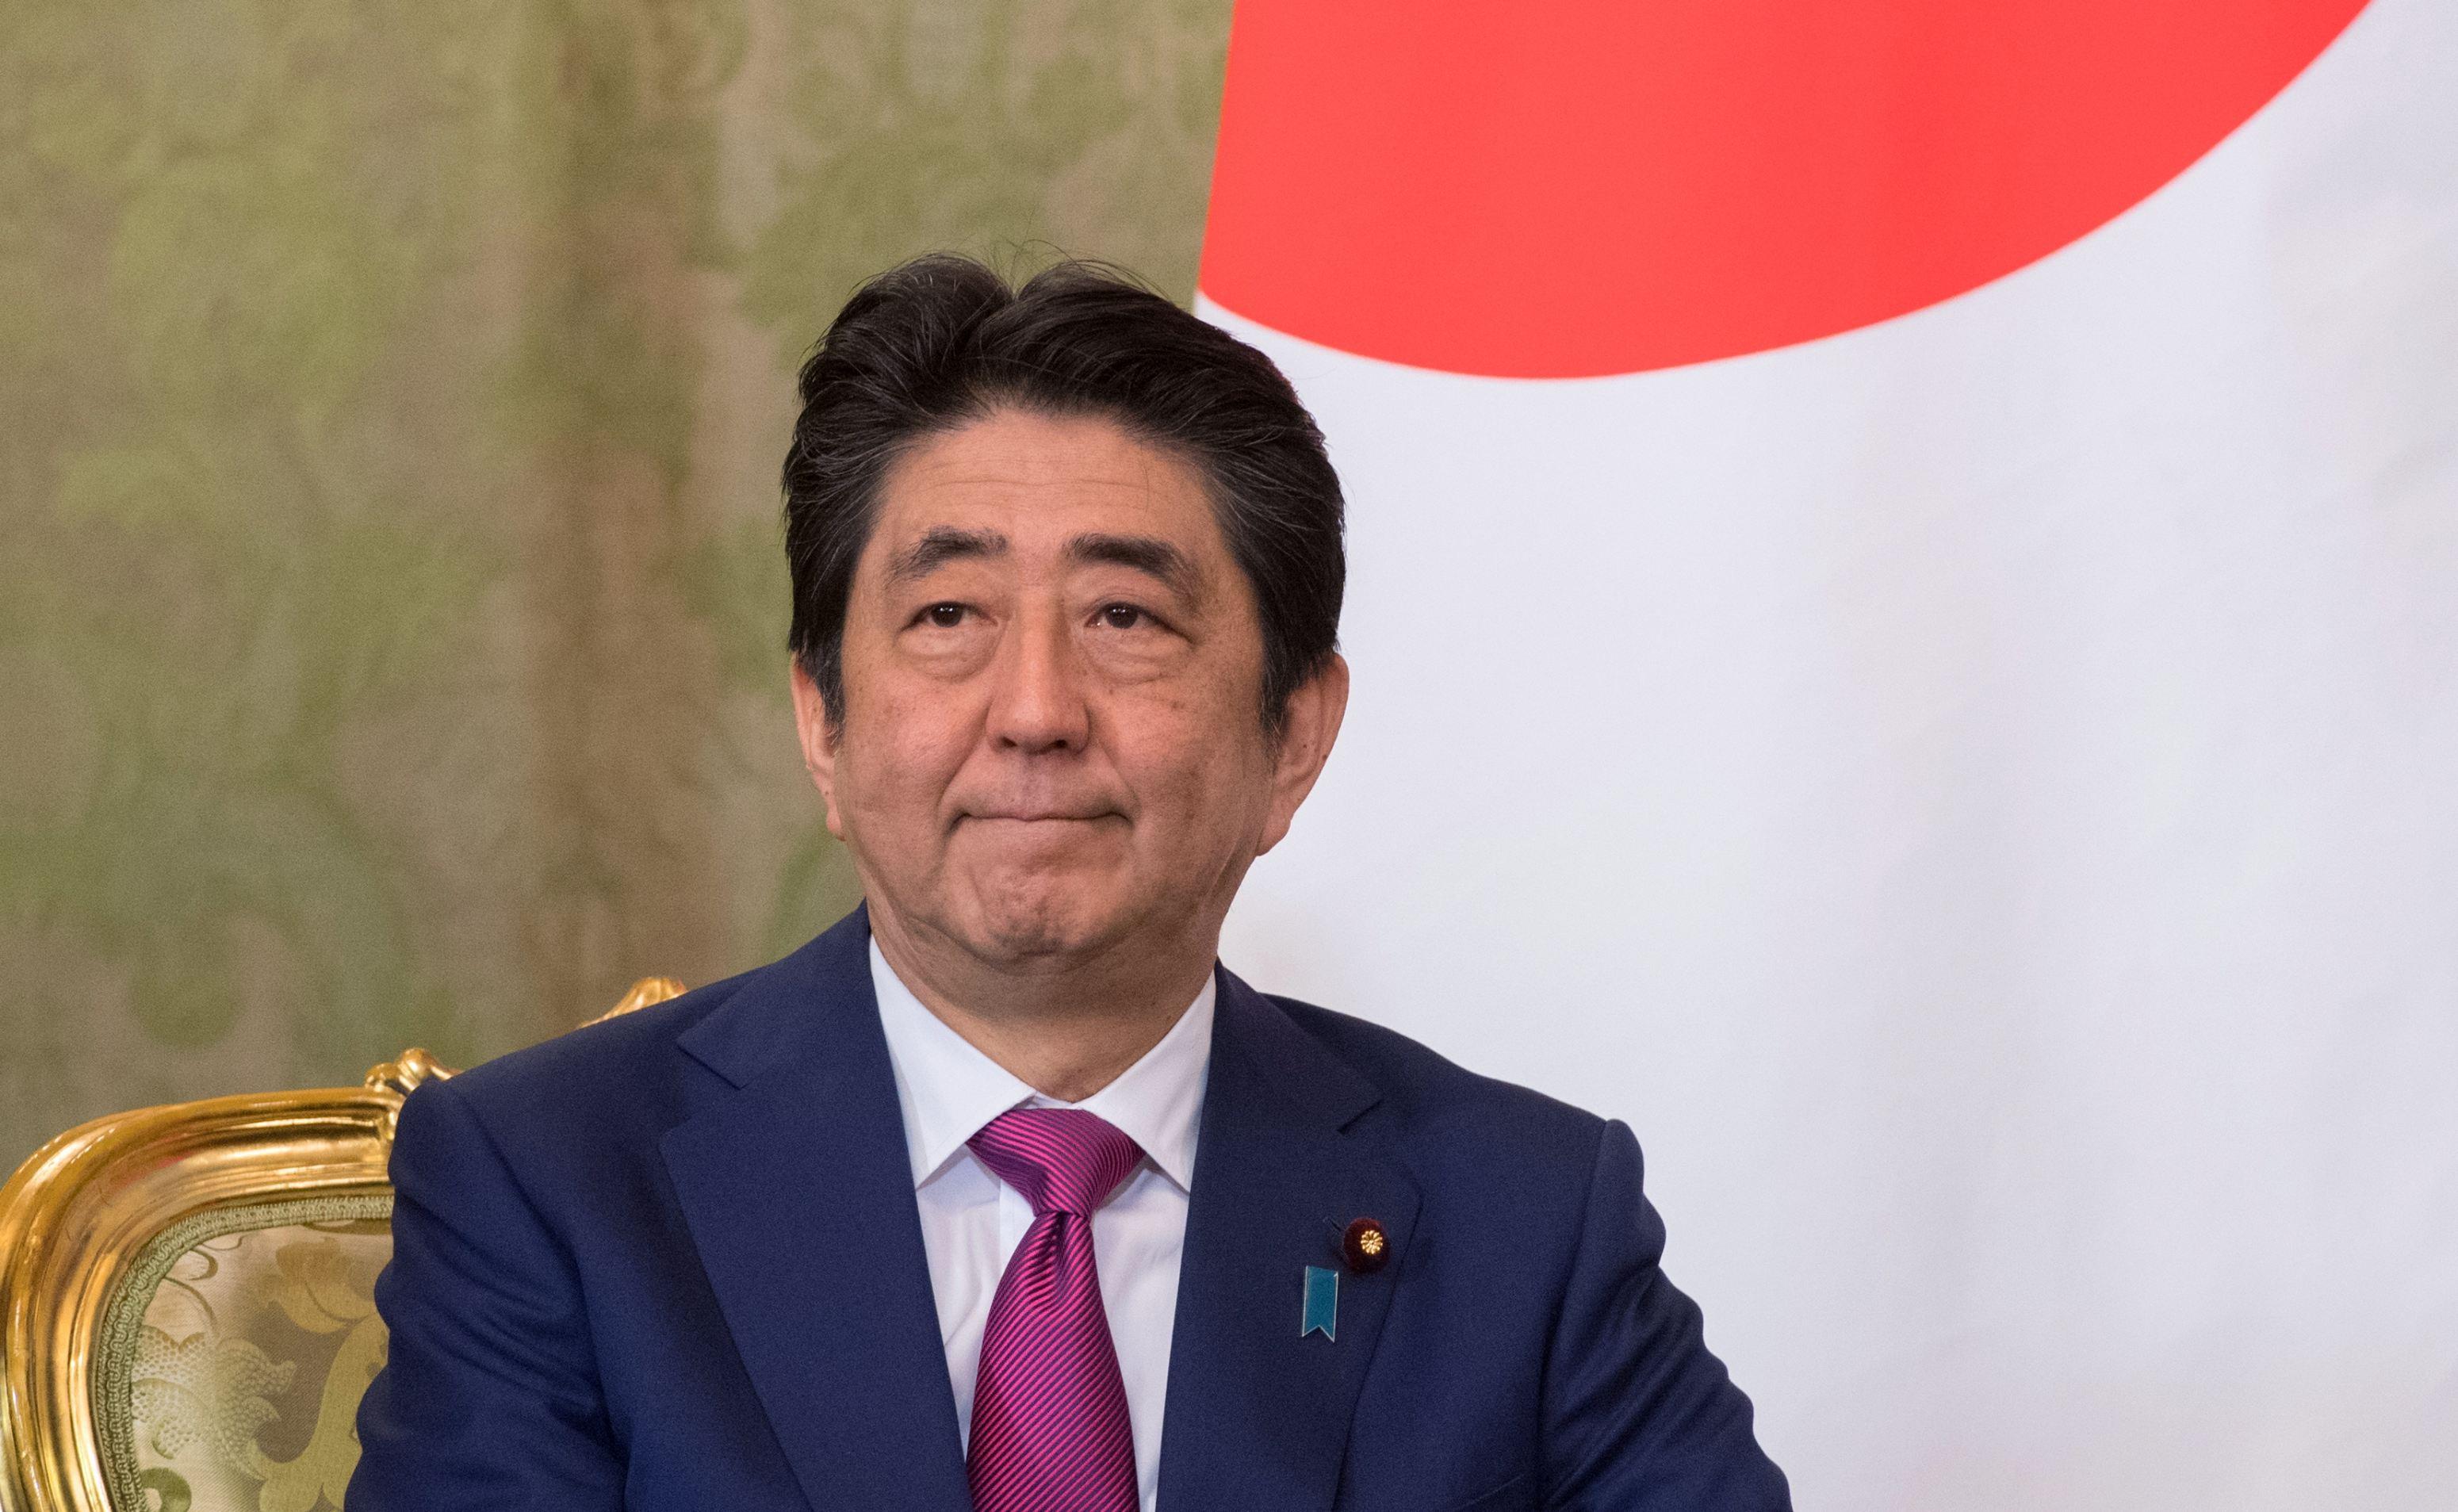 Shinzo Abe, reales premier al Japoniei / Abe stabileşte un nou record în istoria ţării de după Al Doilea Război Mondial